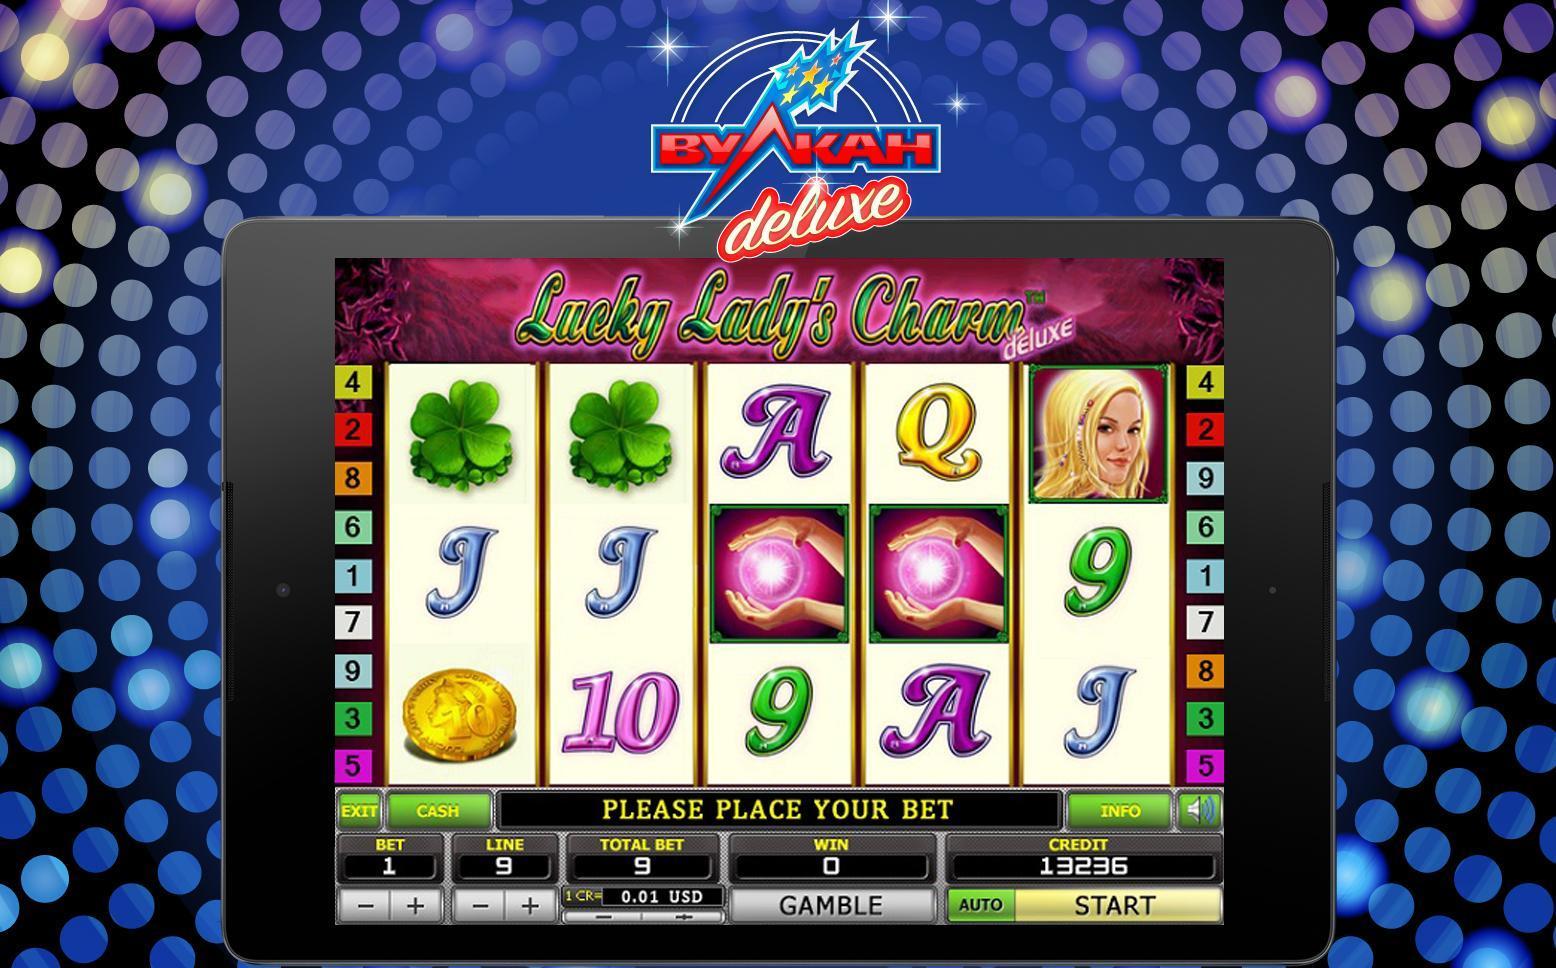 Вулкан делюкс игровые автоматы скачать казино онлайн рулетка бонус